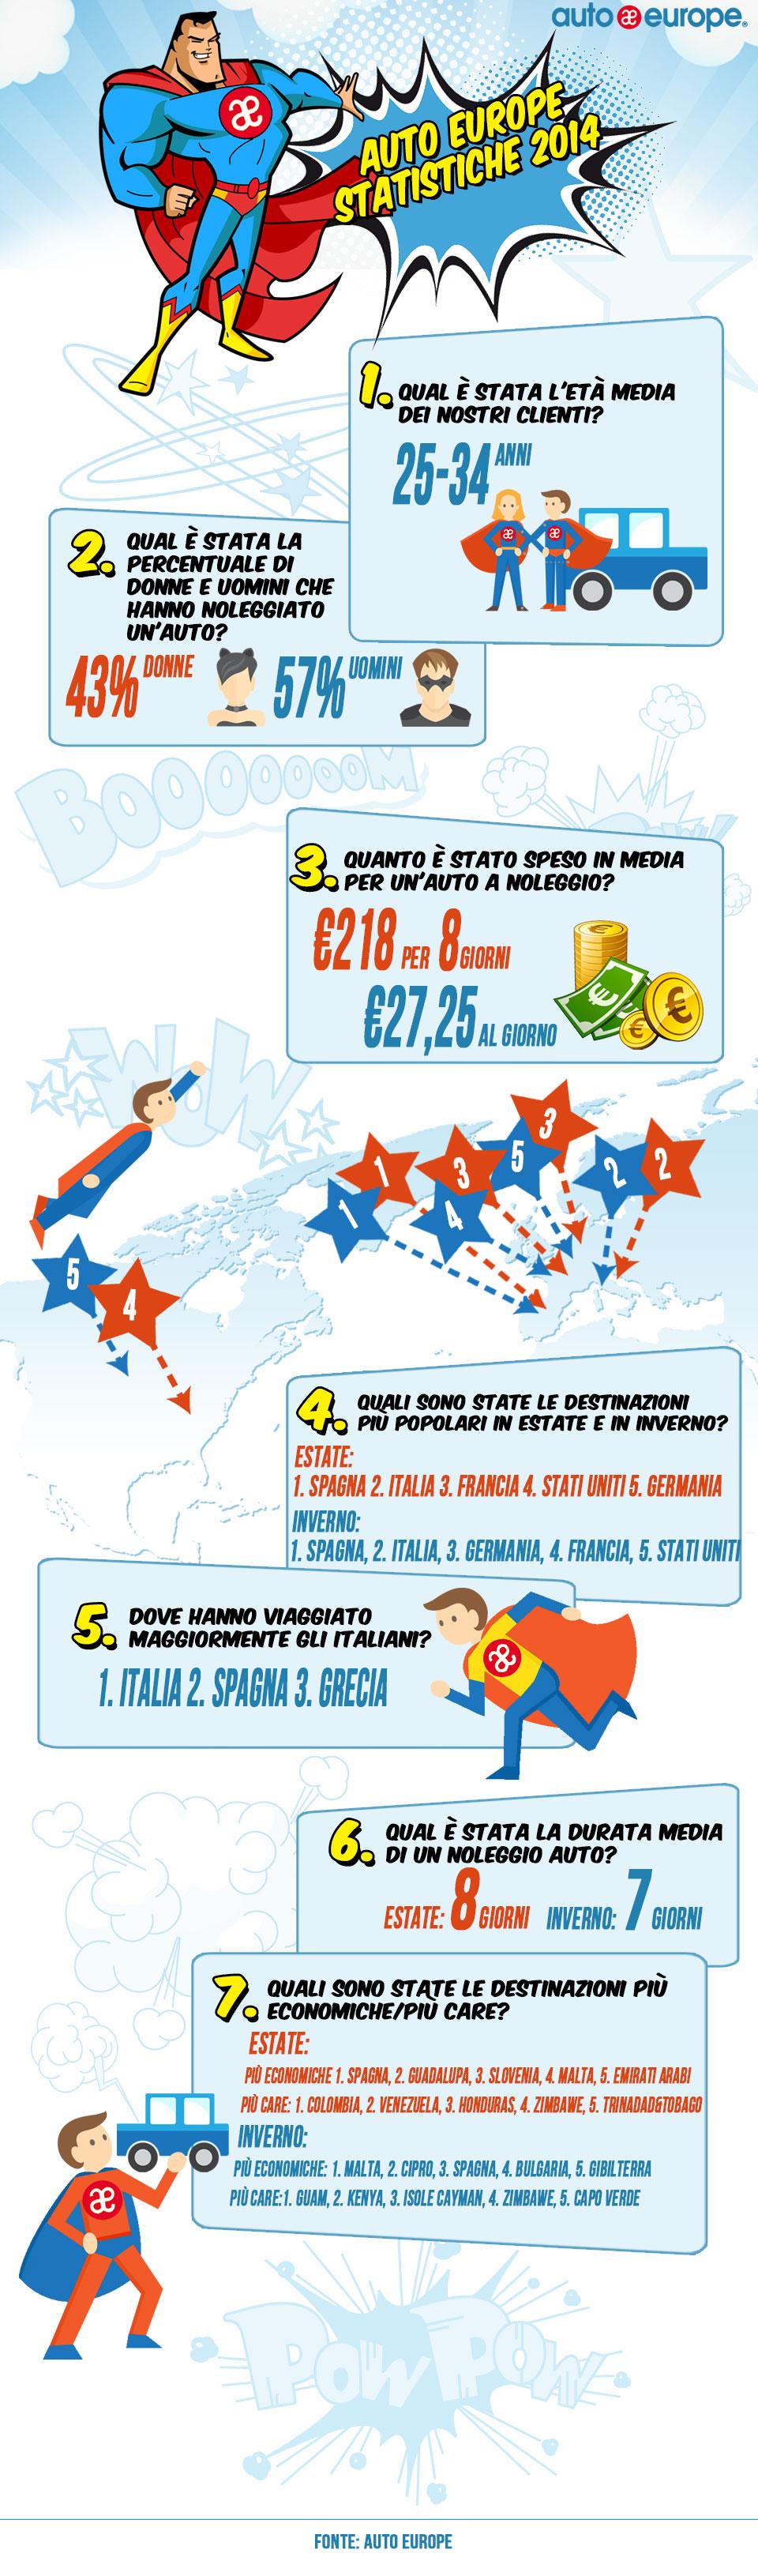 Statistiche mete di viaggio